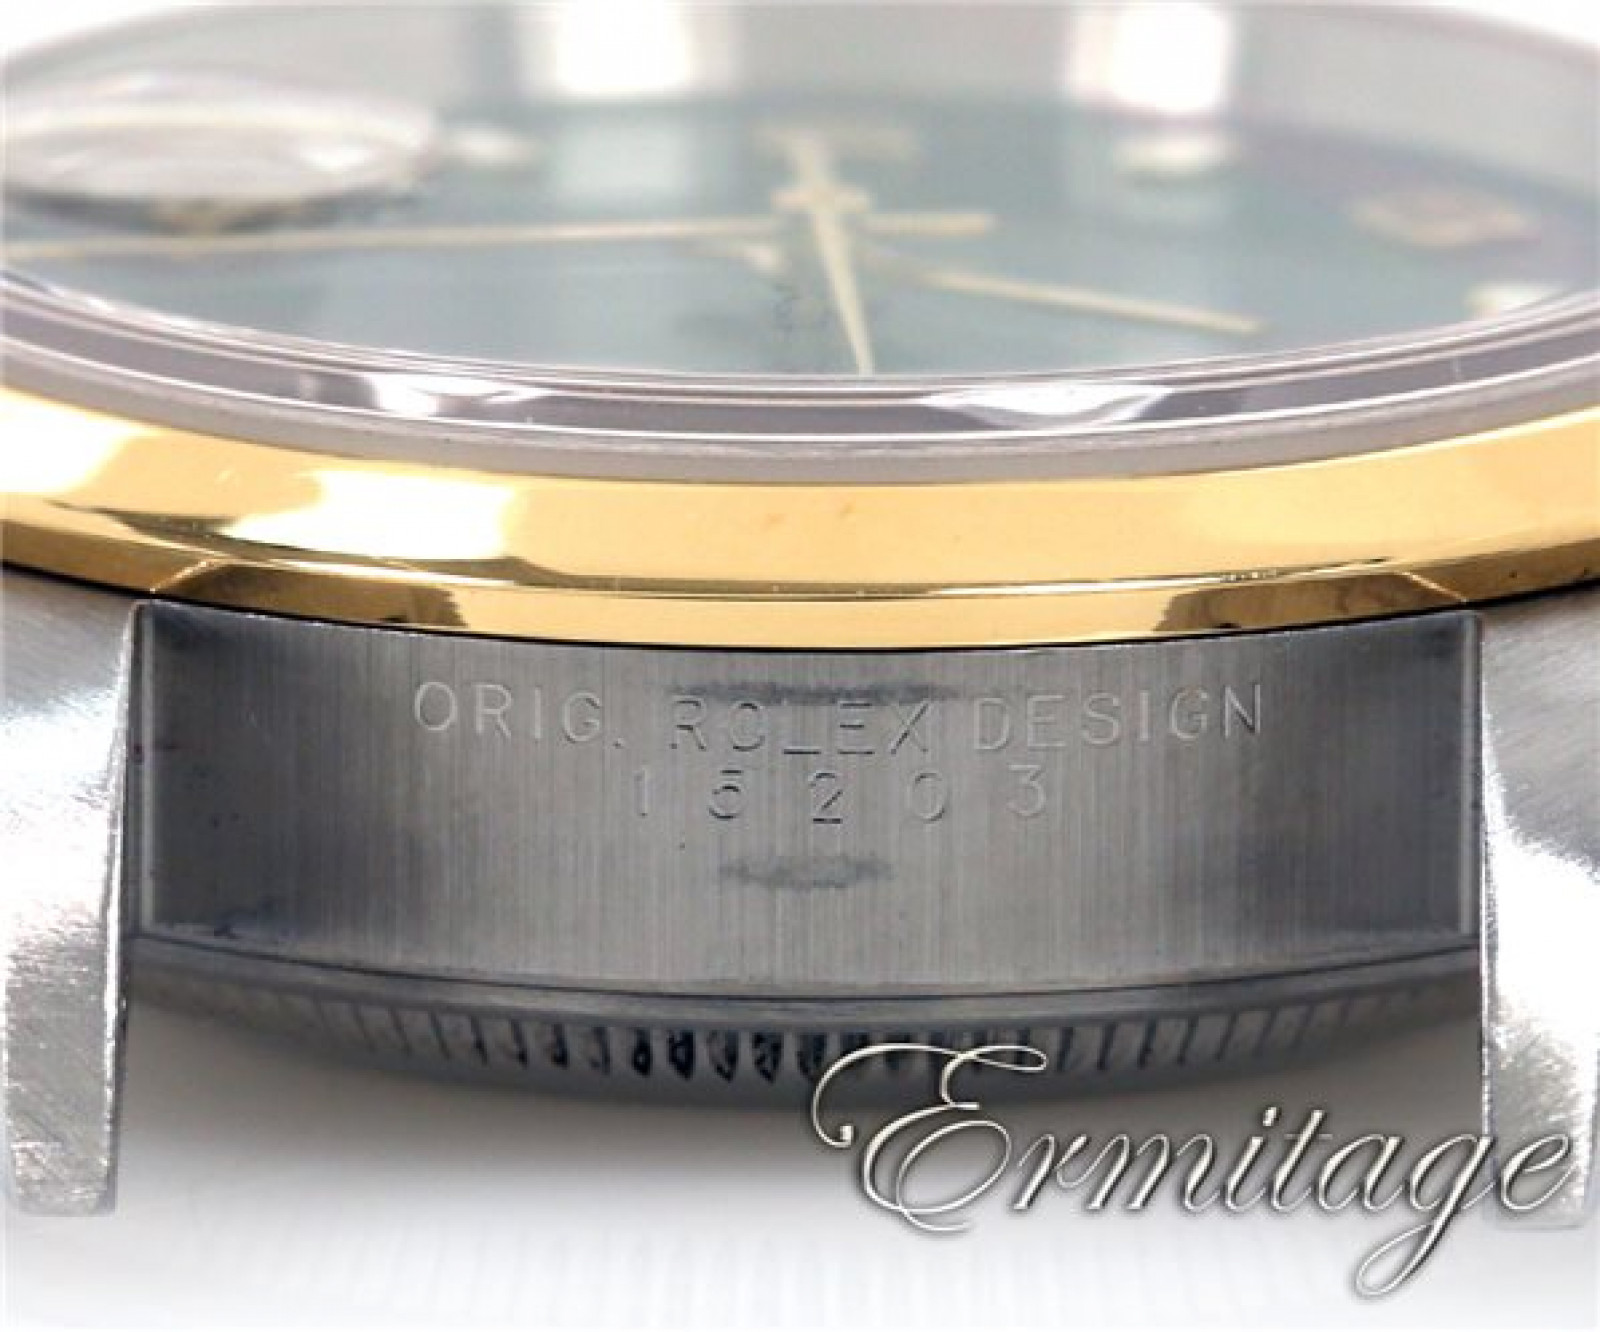 Rolex Date 15203 Gold & Steel